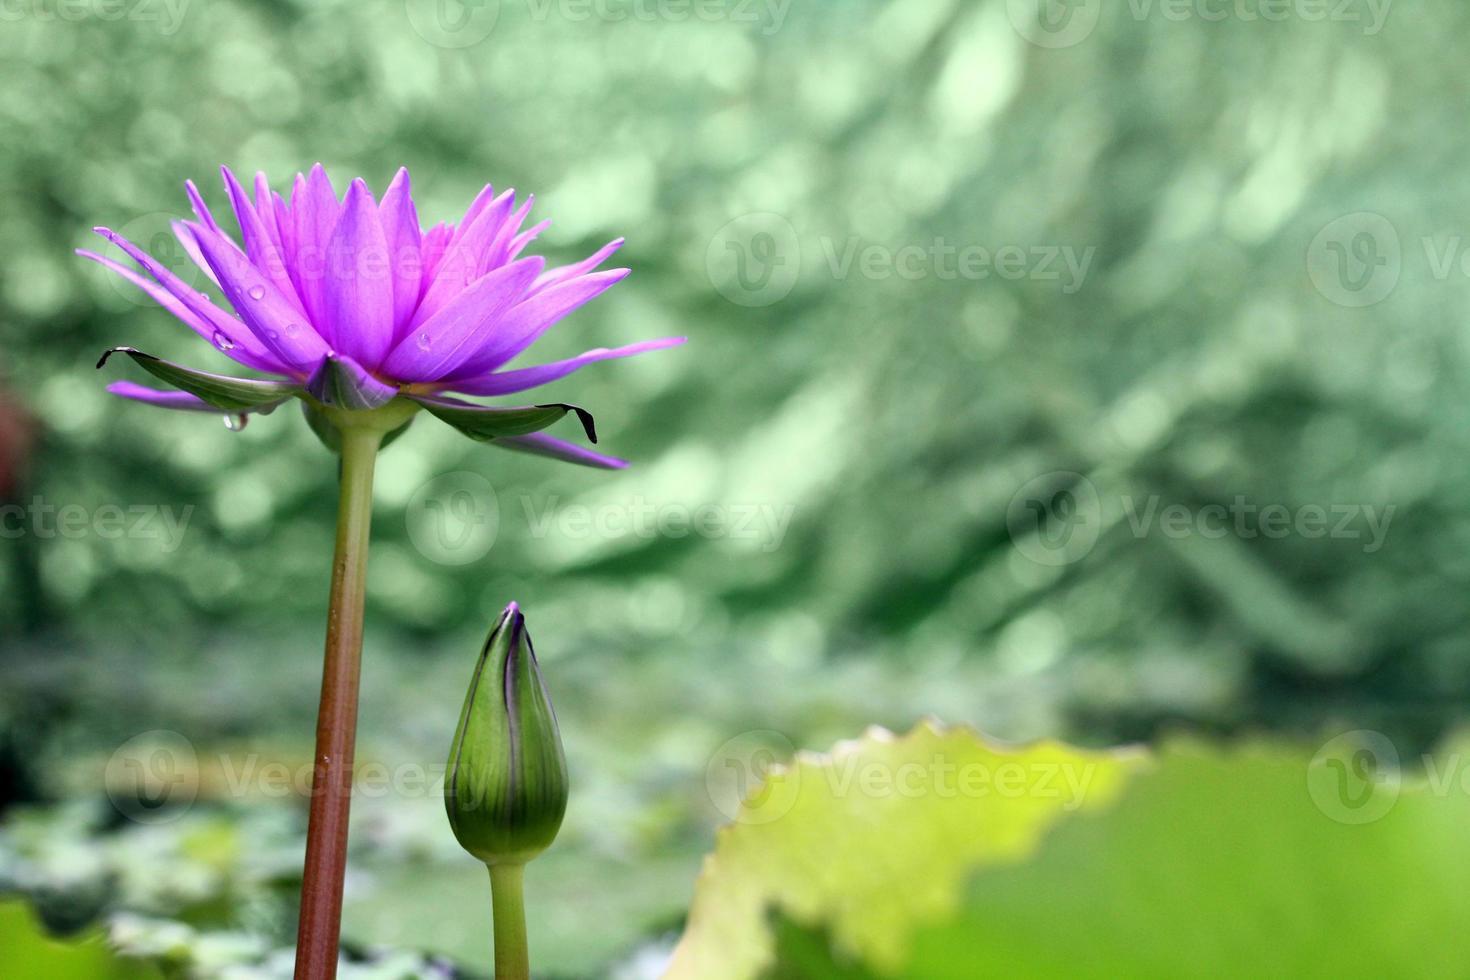 fiore di loto con sfondo verde bokeh foto